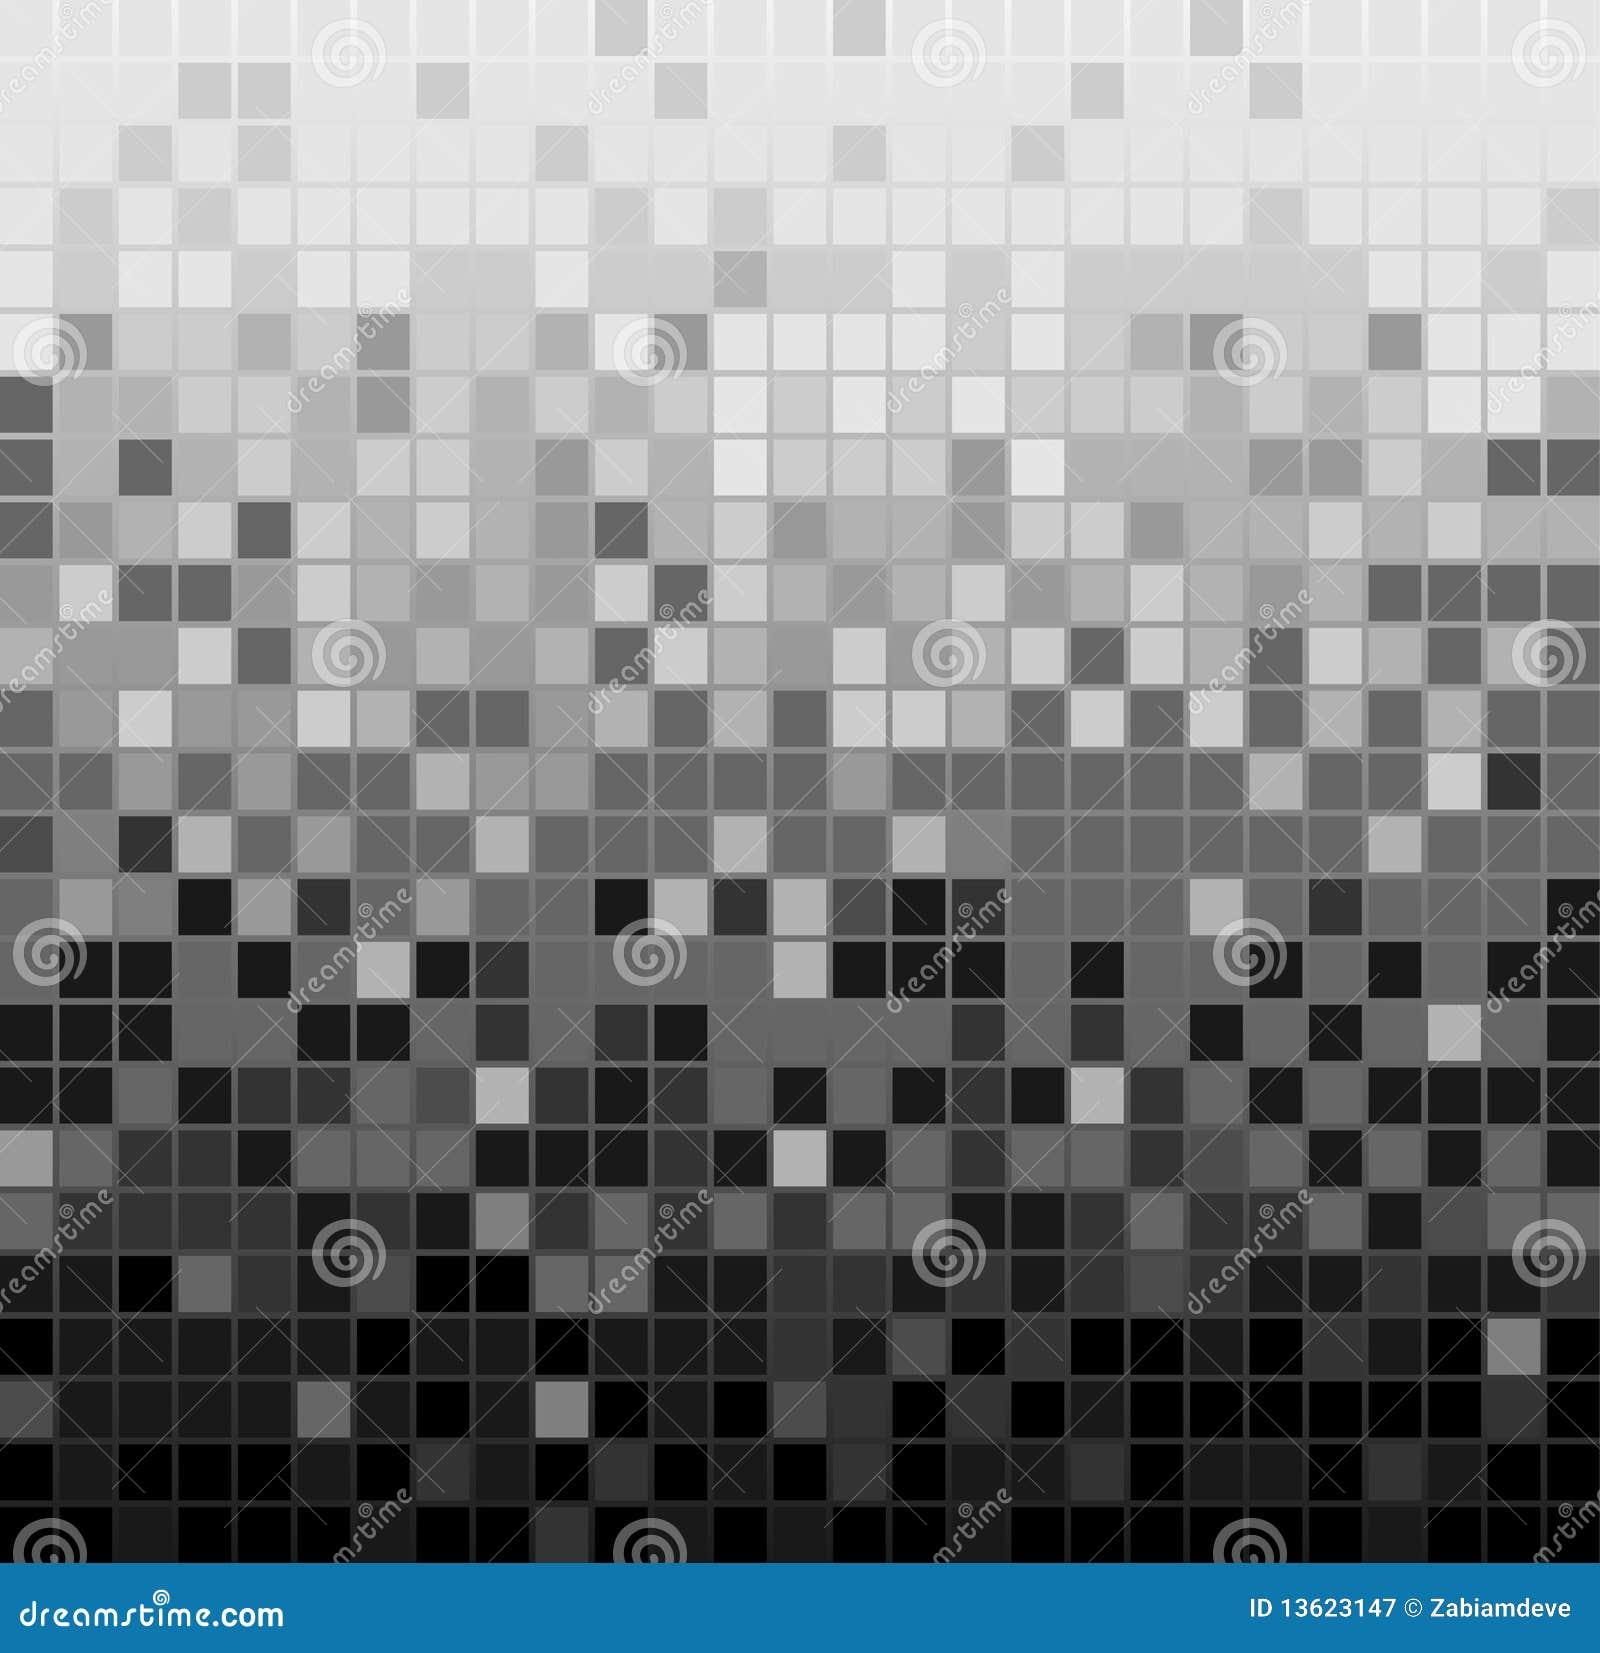 Abstrakter quadratischer Pixelmosaikhintergrund